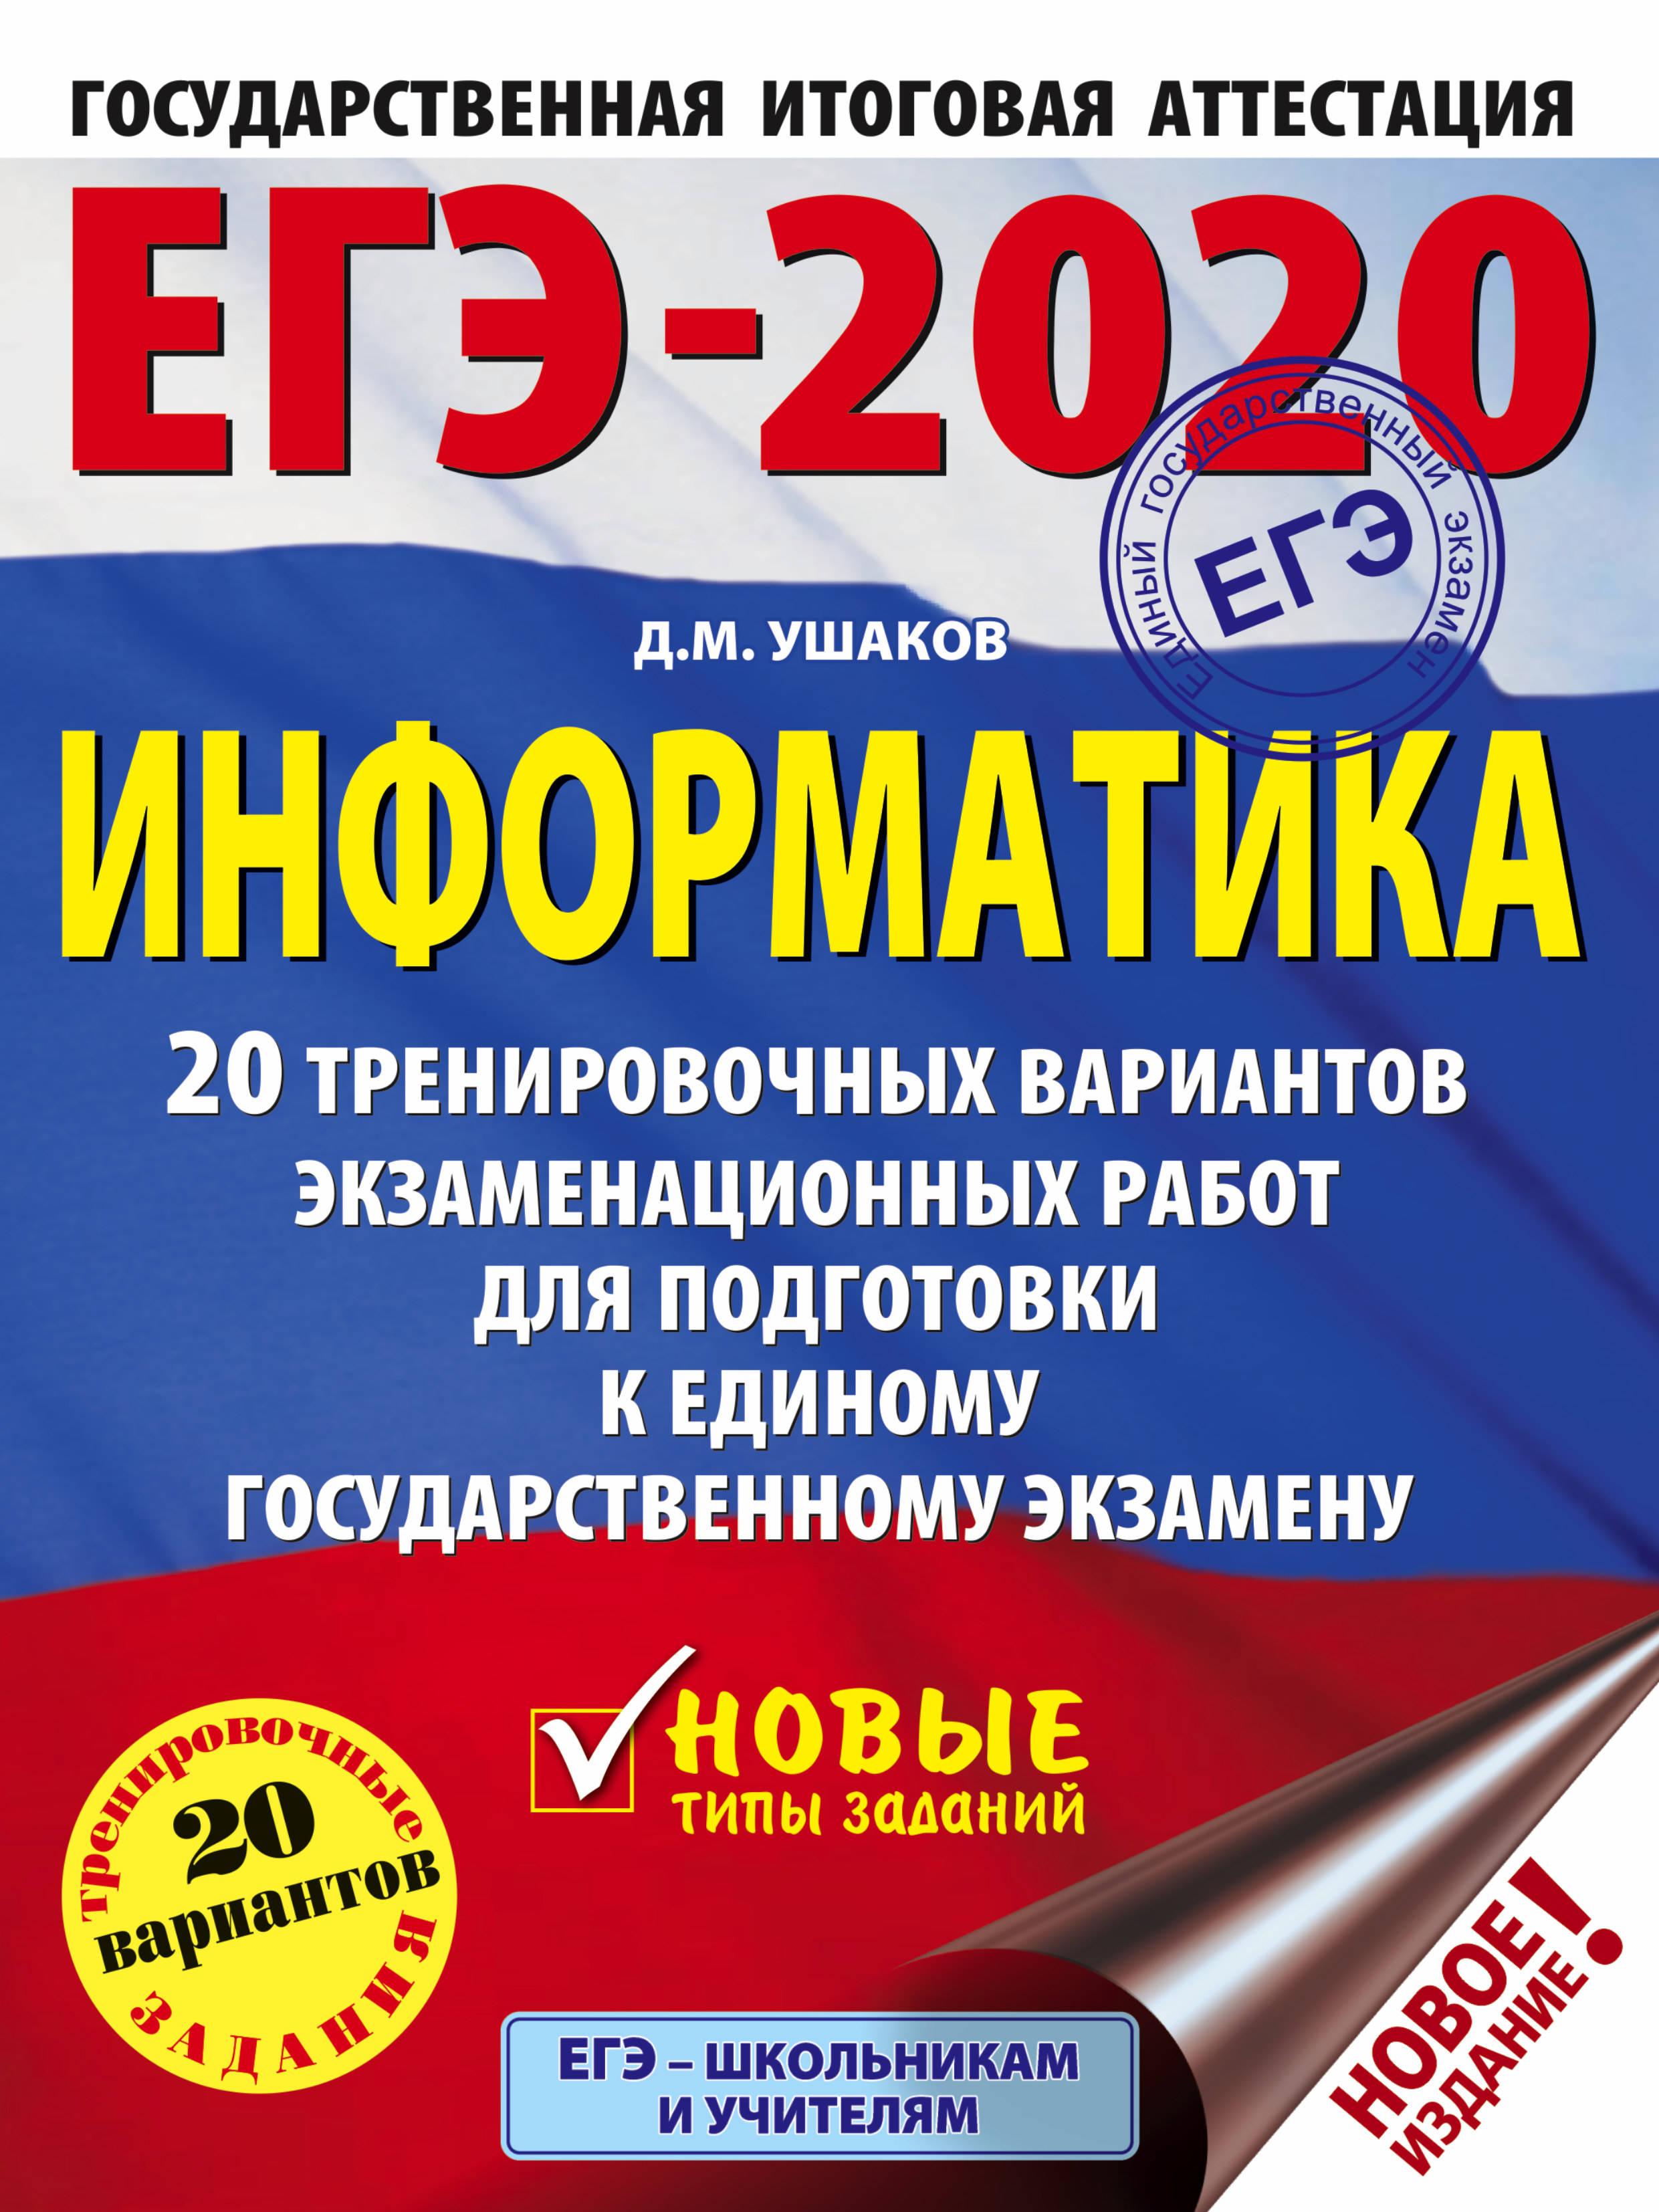 EGE-2020. Informatika (60kh84/8). 20 trenirovochnykh variantov ekzamenatsionnykh rabot dlja podgotovki k edinomu gosudarstvennomu ekzamenu